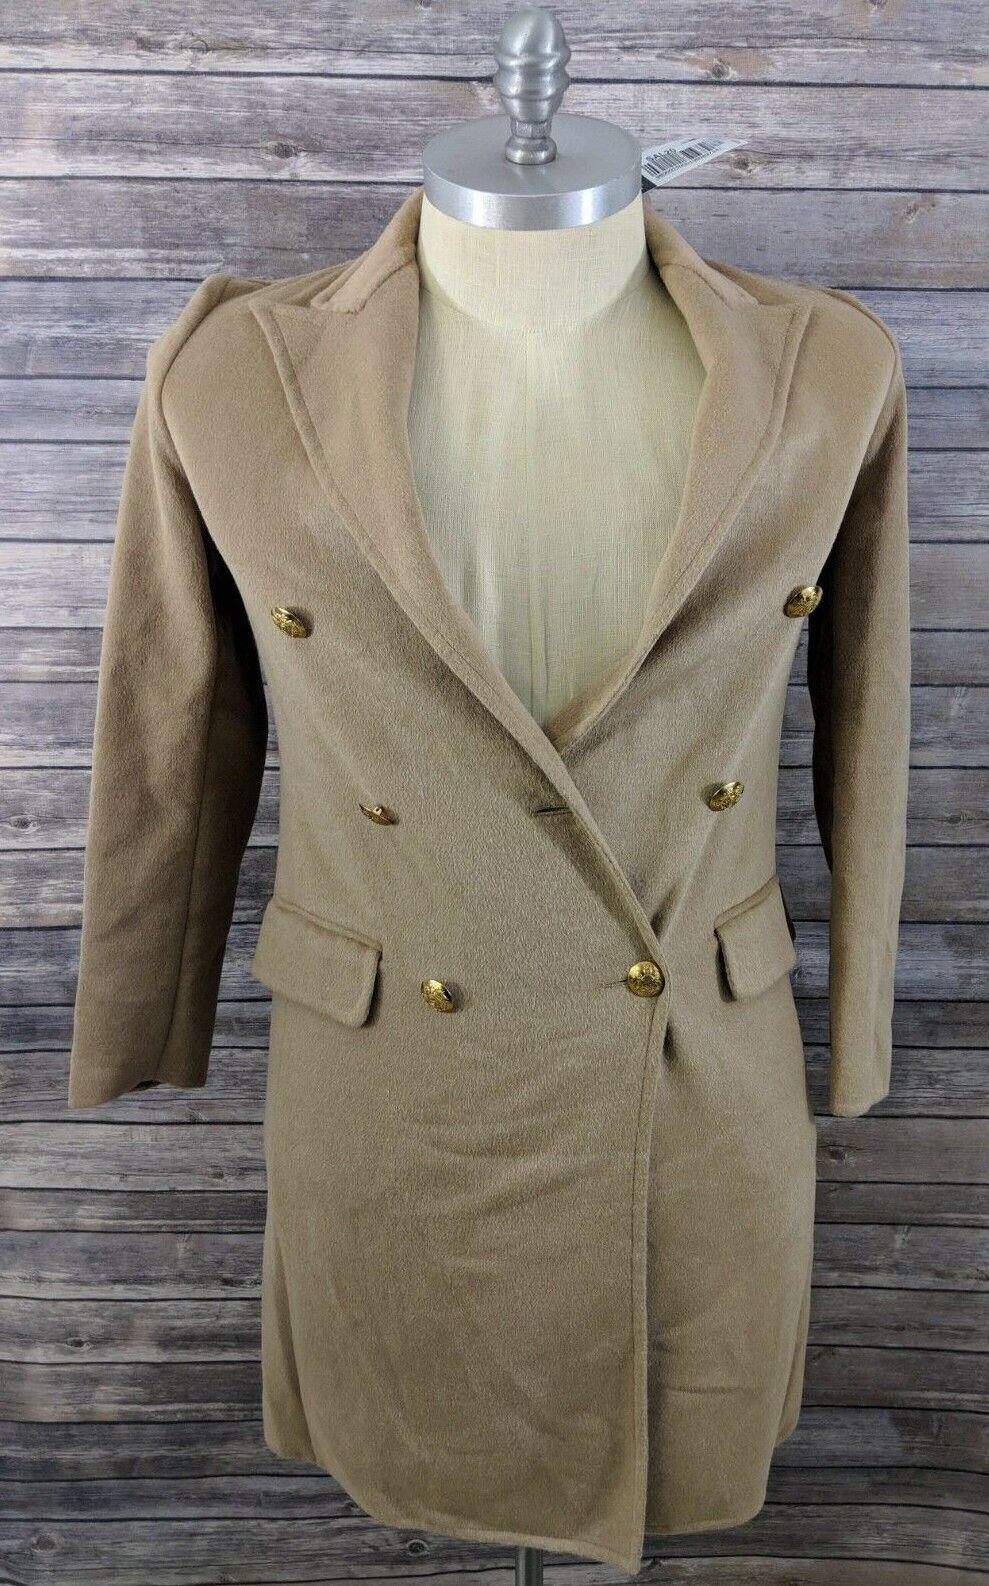 New Lauren Ralph Lauren Womens Coat Double Faced Camel Wool Blend 4 MSRP  545